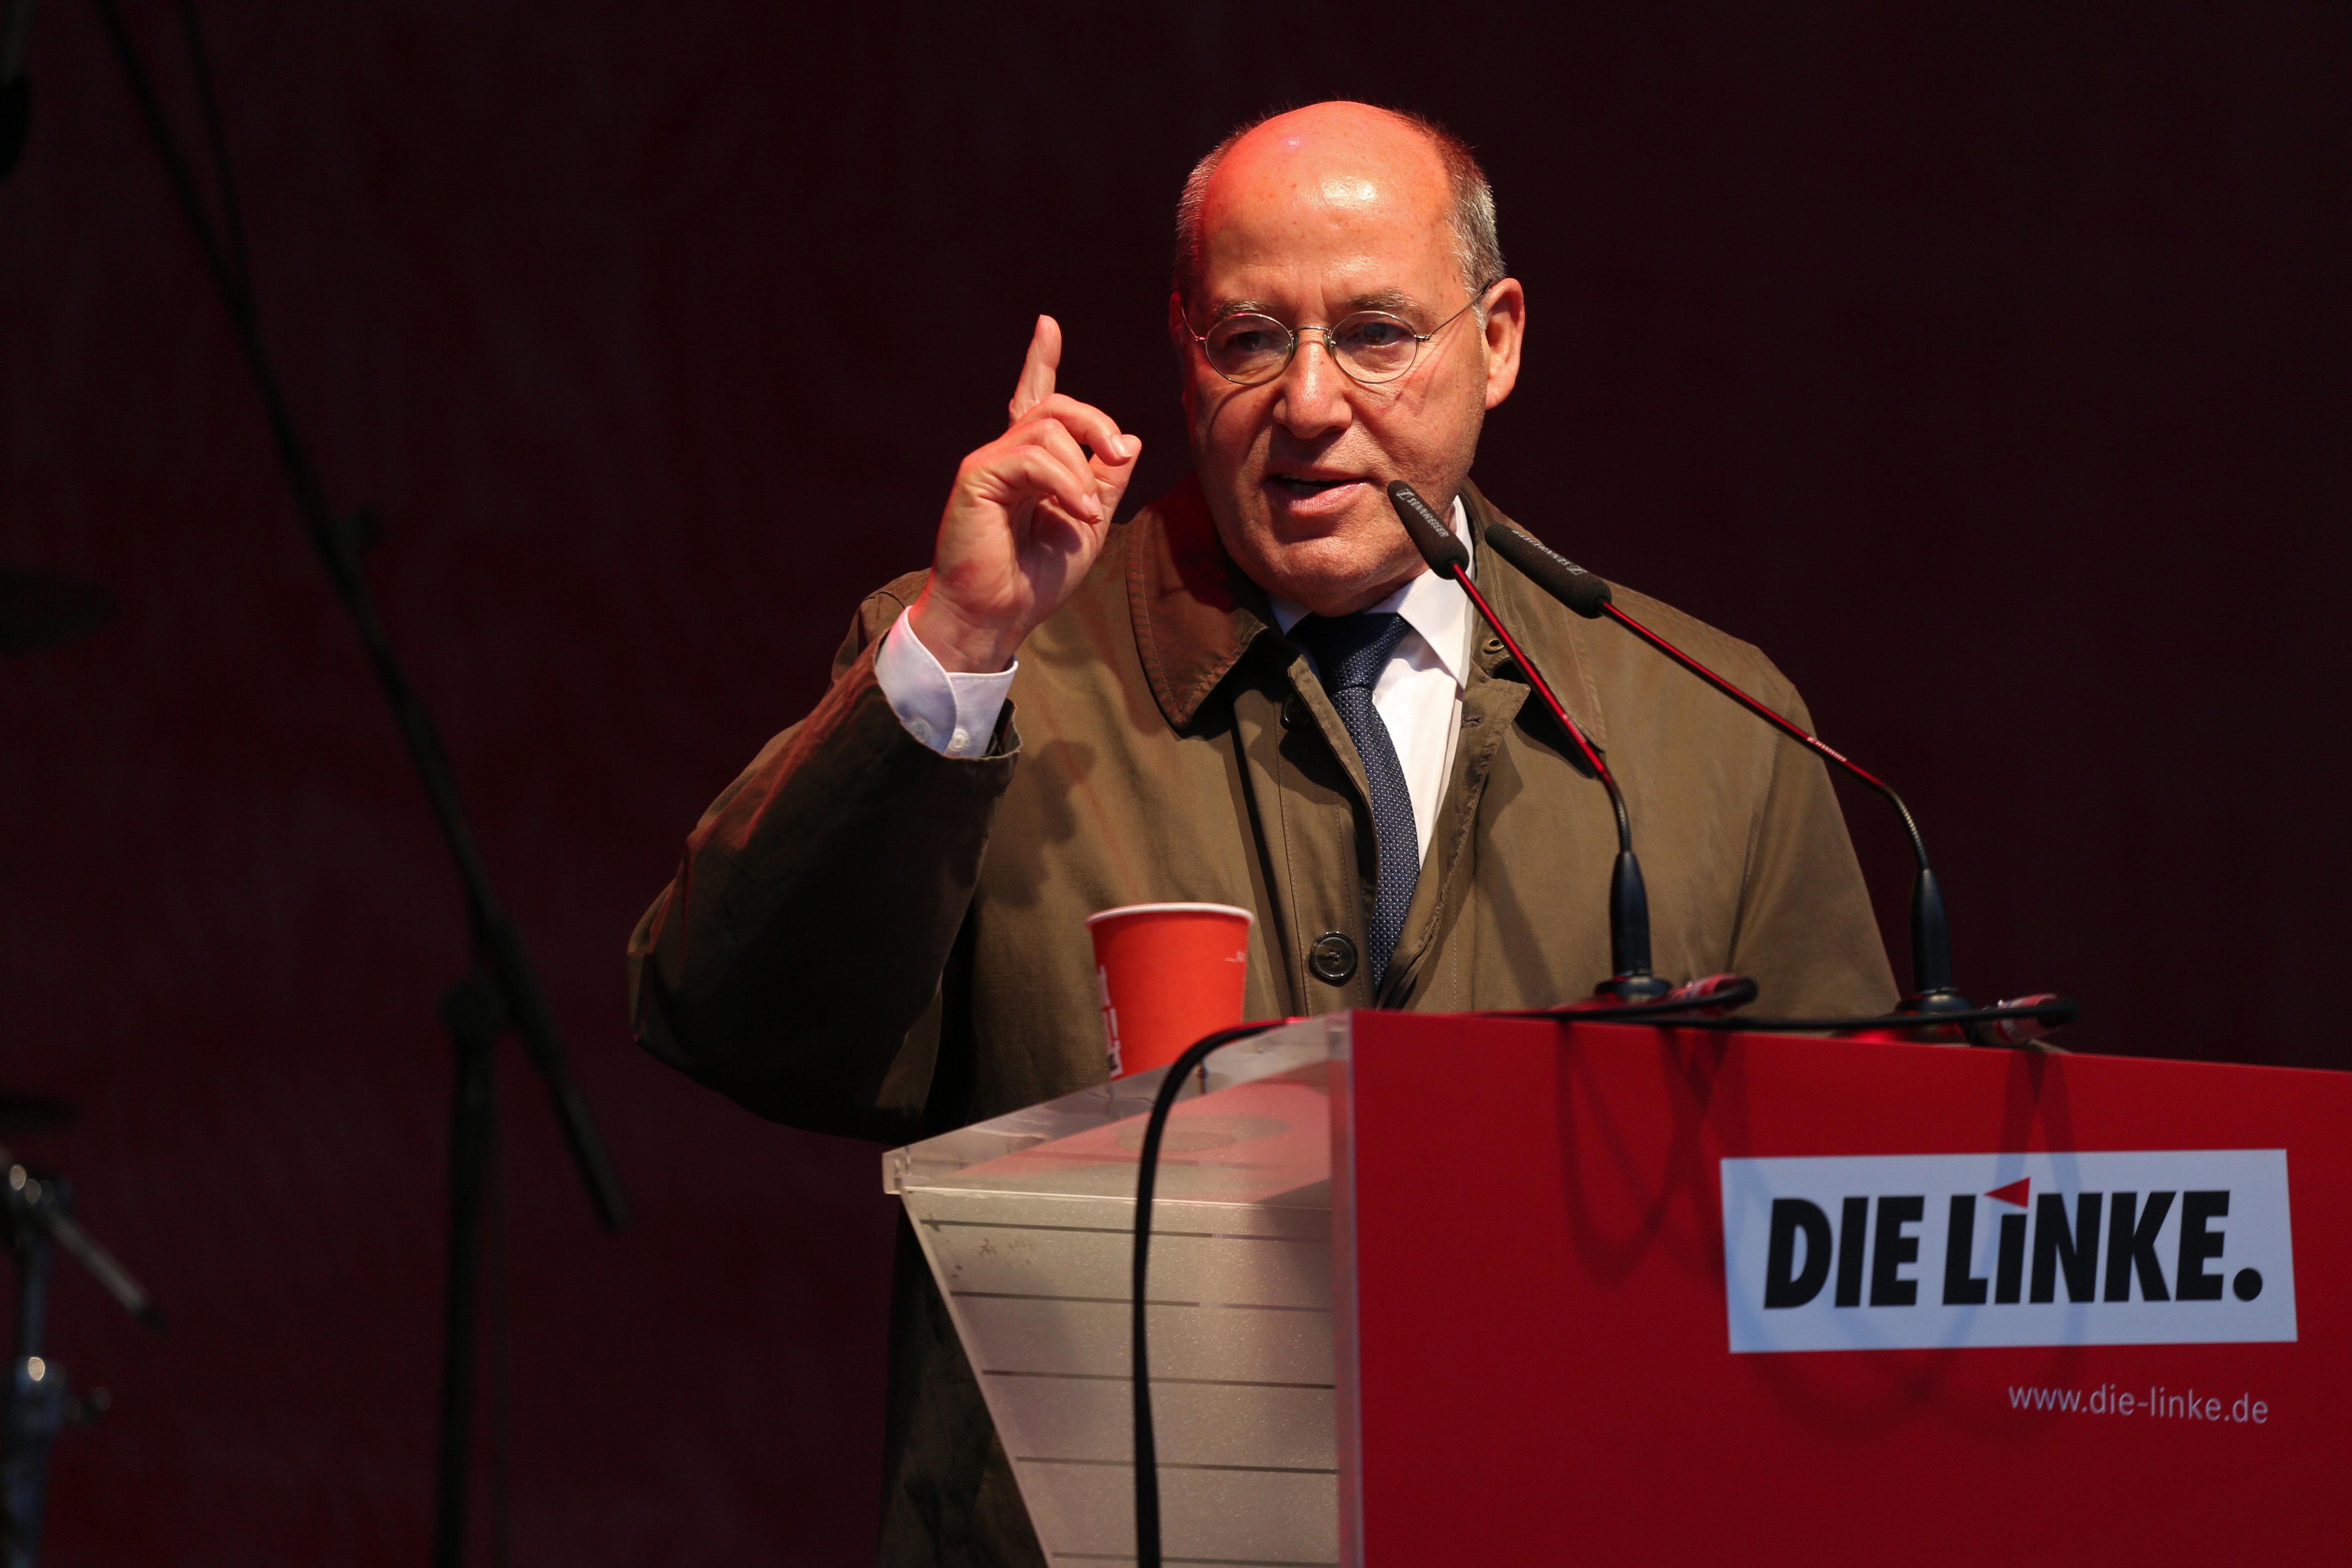 Gregor Gysi bei einer Veranstaltung der Partei Die Linke.